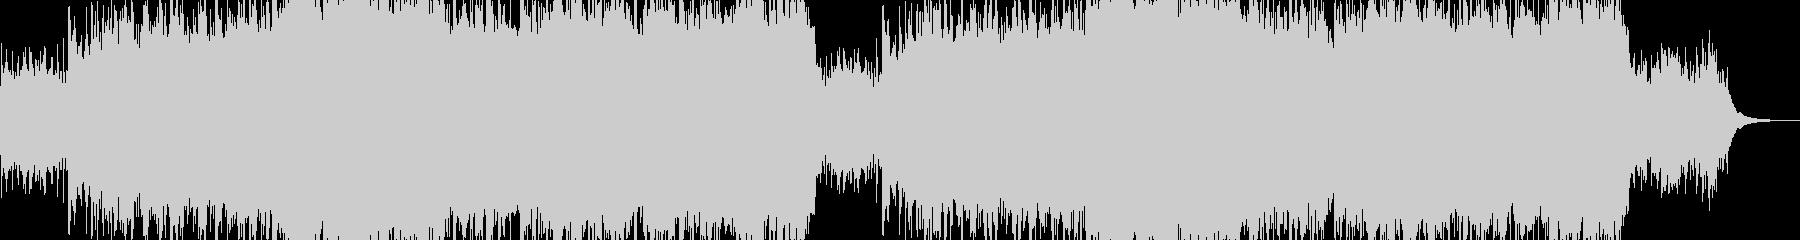 企業VP3 16bit48kHzVerの未再生の波形